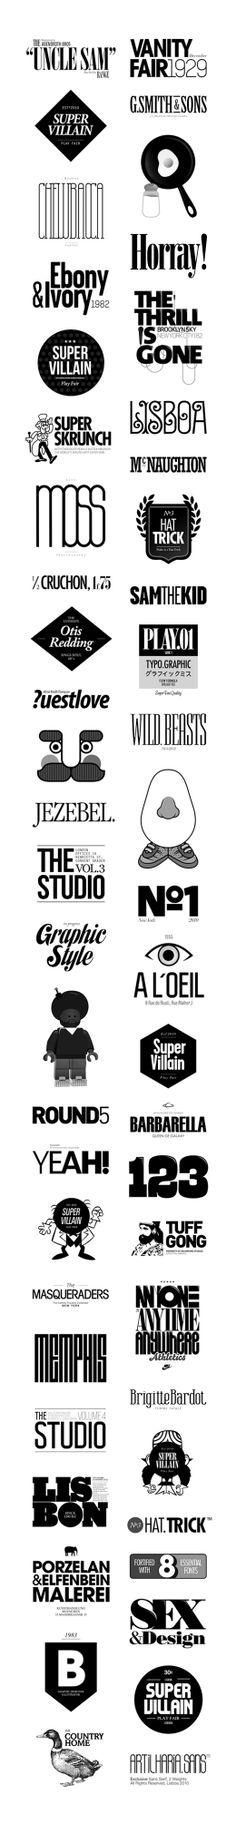 GRAPHIC STYLE - #andre #beato #typo #portuguese #graphic #designer #illustrator